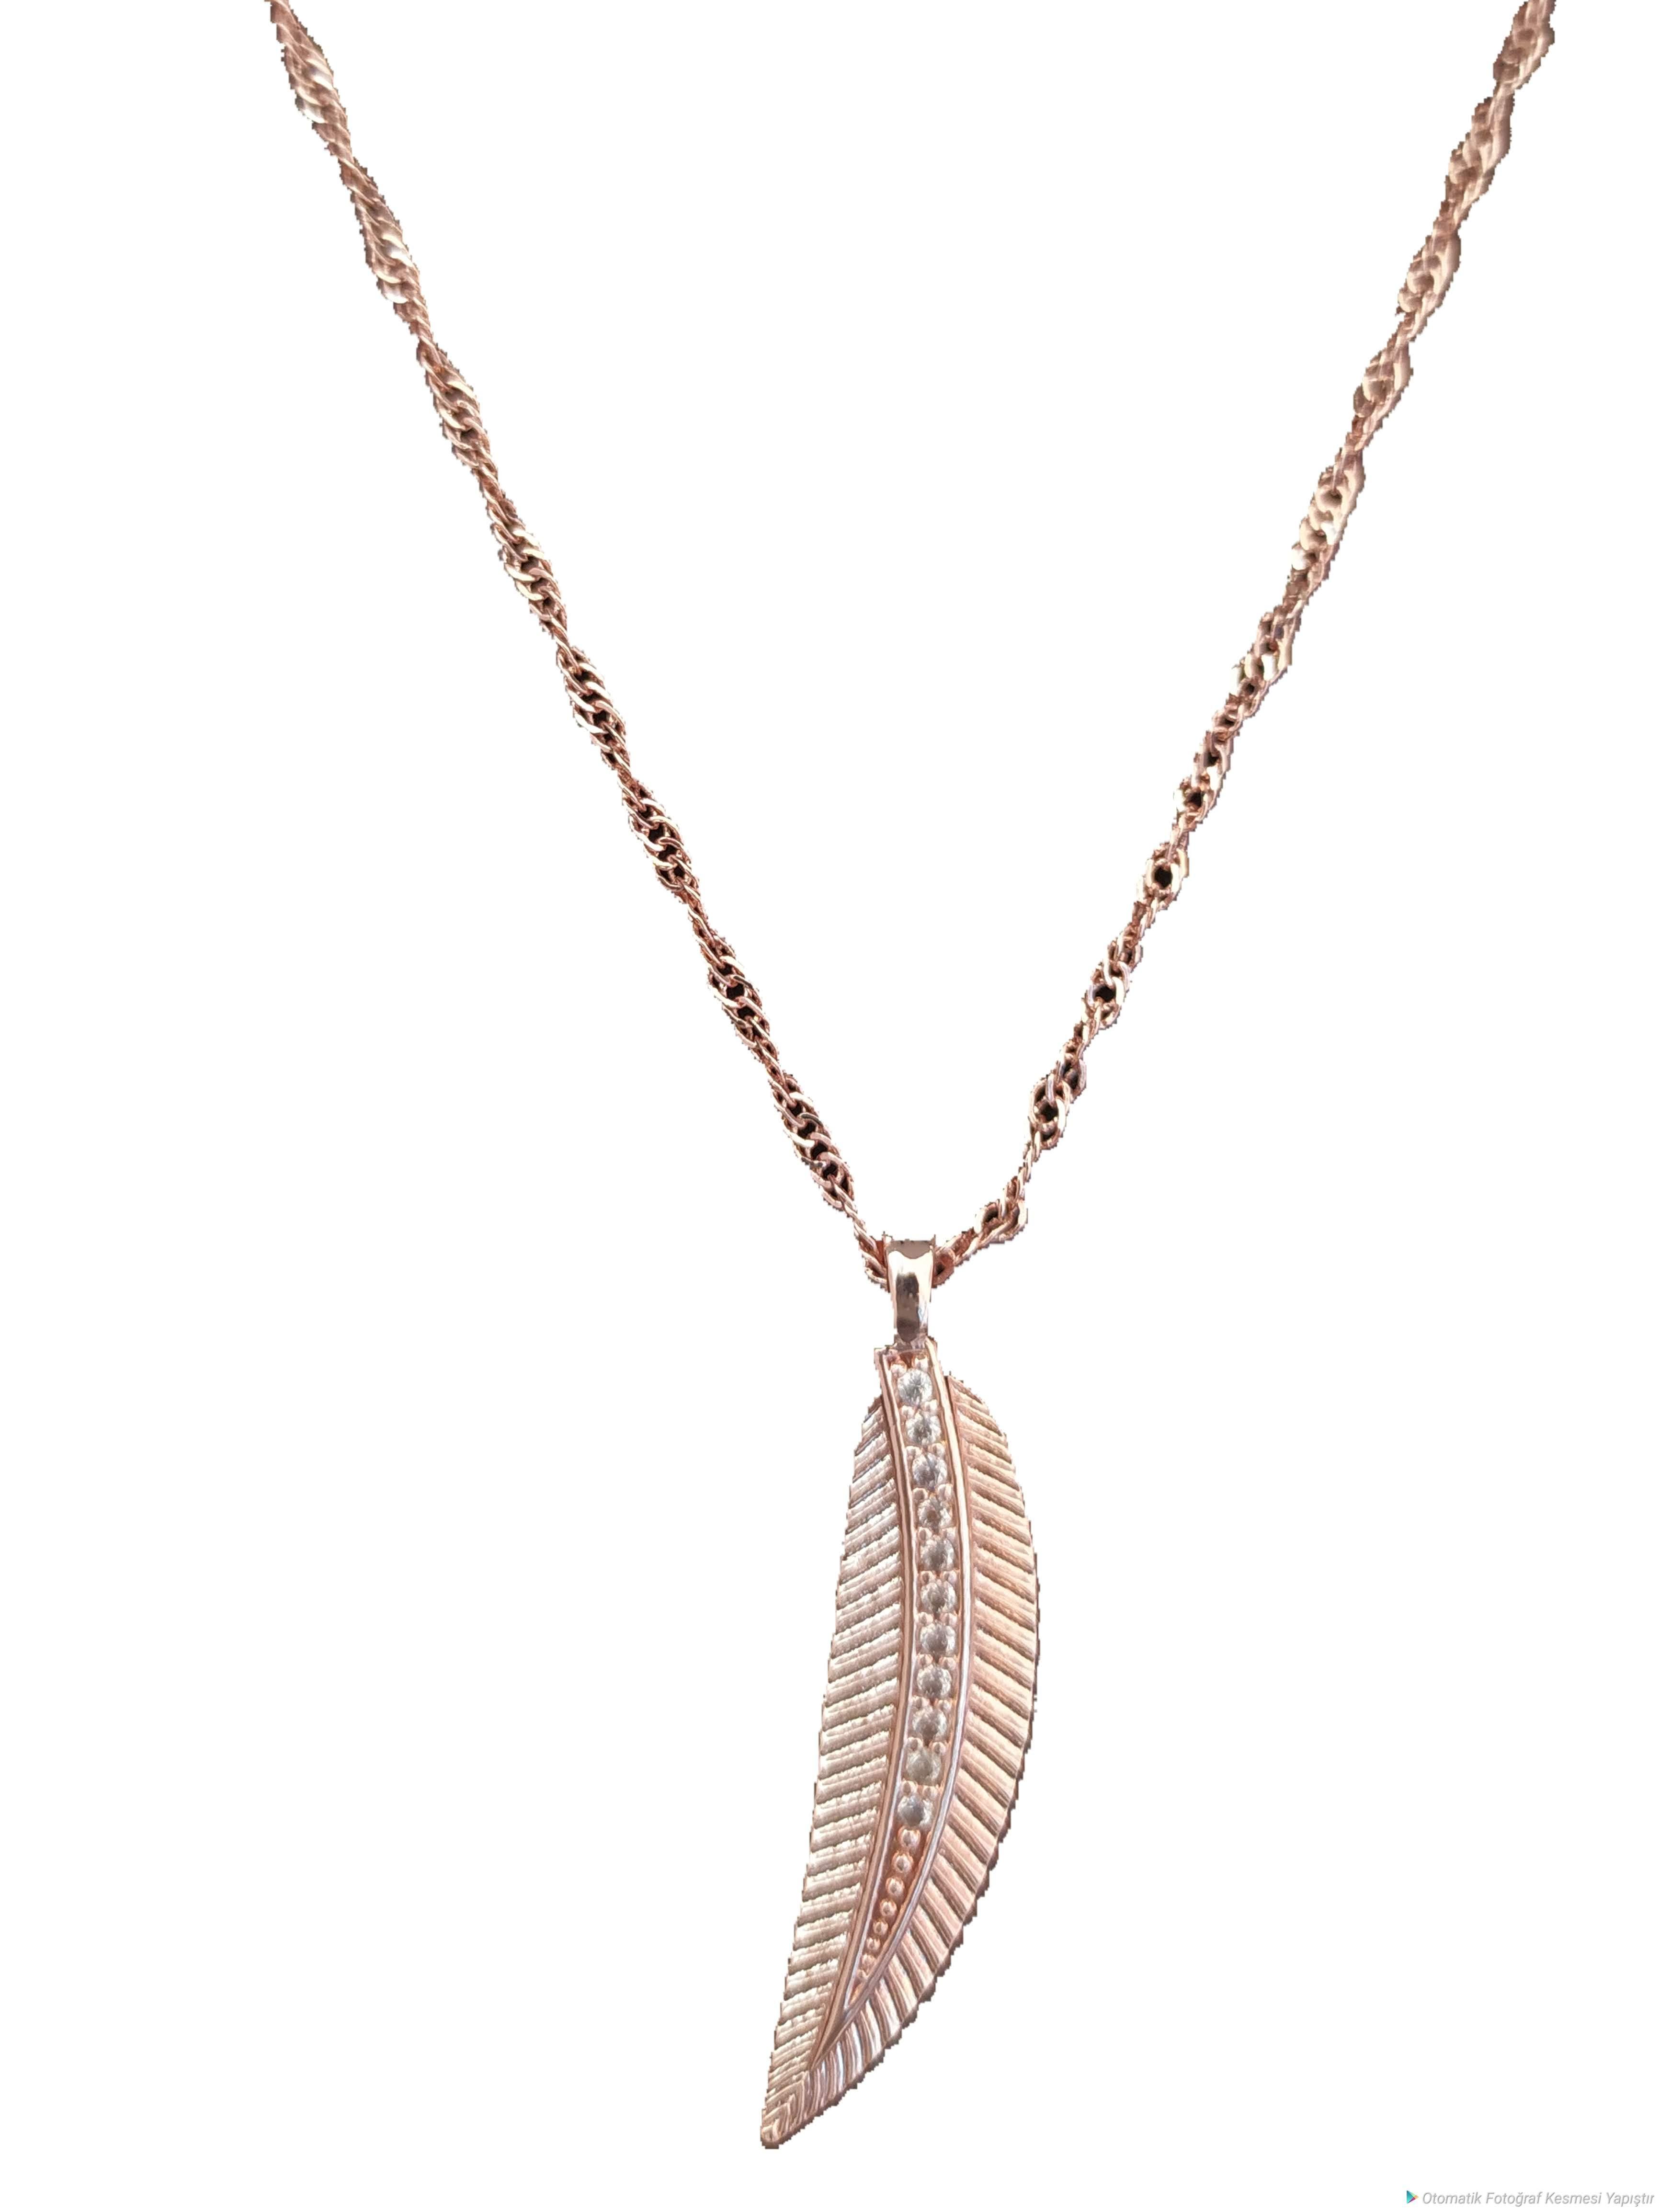 قلادة مطلية بالذهب مع الزركون الممتاز. لا يسبب الحساسية ، لا تغميق / Gold plated necklace with premium zircon. does not cause allergies, does not darken_2